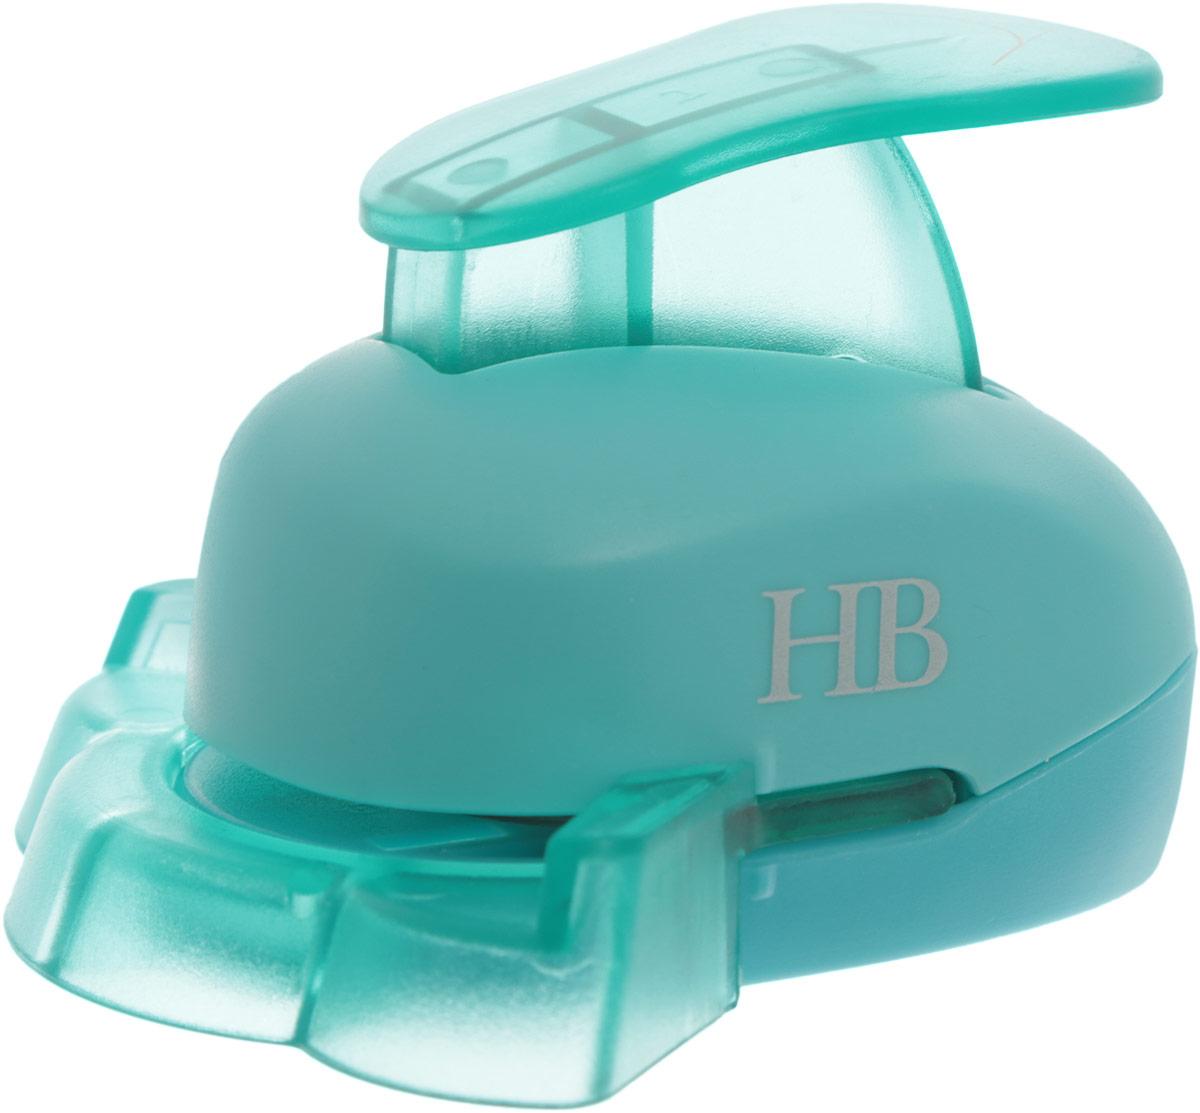 Дырокол фигурный Hobbyboom, угловой, цвет: бирюзовый, №47, 2,5 смFS-00102Фигурный угловой дырокол Hobbyboom поможет вам легко, просто и аккуратно вырезать много одинаковых мелких фигурок.Режущие части компостера закрыты пластмассовым корпусом, что обеспечивает безопасность для детей. Вырезанные фигурки накапливаются в специальном резервуаре. Можно использовать вырезанные мотивы как конфетти или для наклеивания. Угловой дырокол подходит для разных техник: декупажа, скрапбукинга, декорирования. Рекомендуемая плотность бумаги - 120-180 г/м2. Размер готовой фигурки: 2,5 см х 1,6 см.